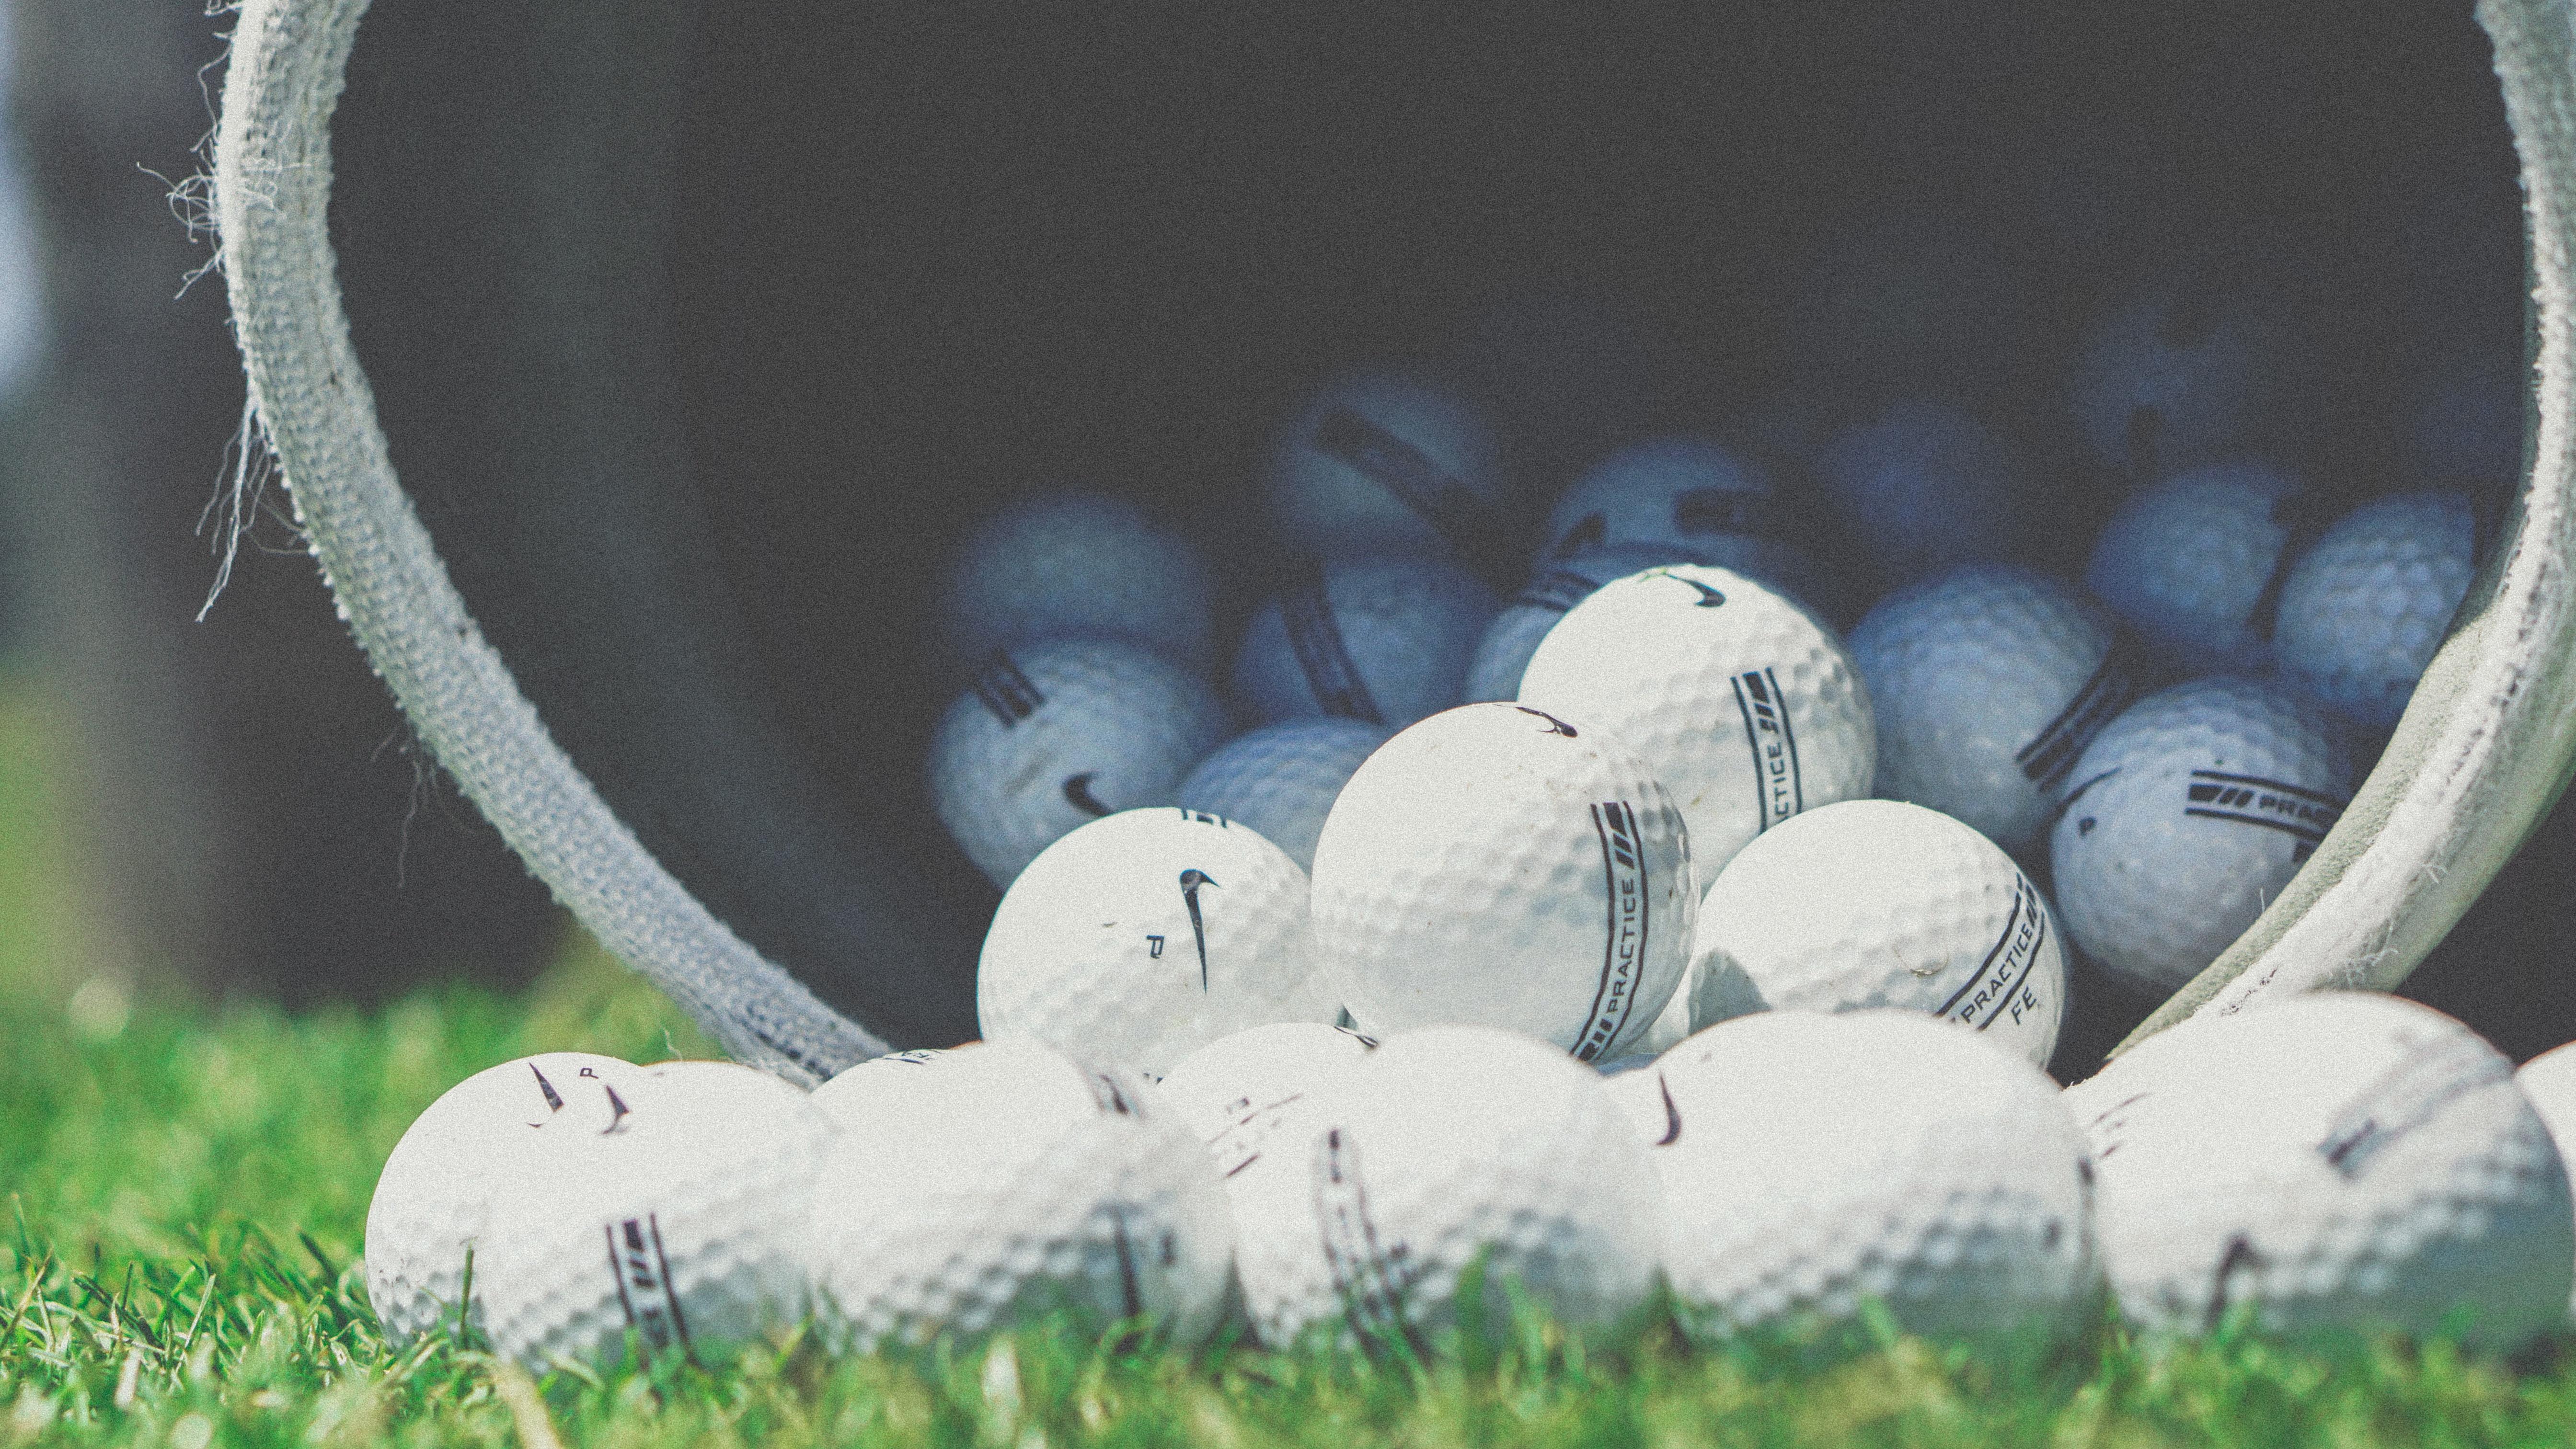 ダウンスイングでクラブが寝る原因は?ゴルフのスライスの治し方!